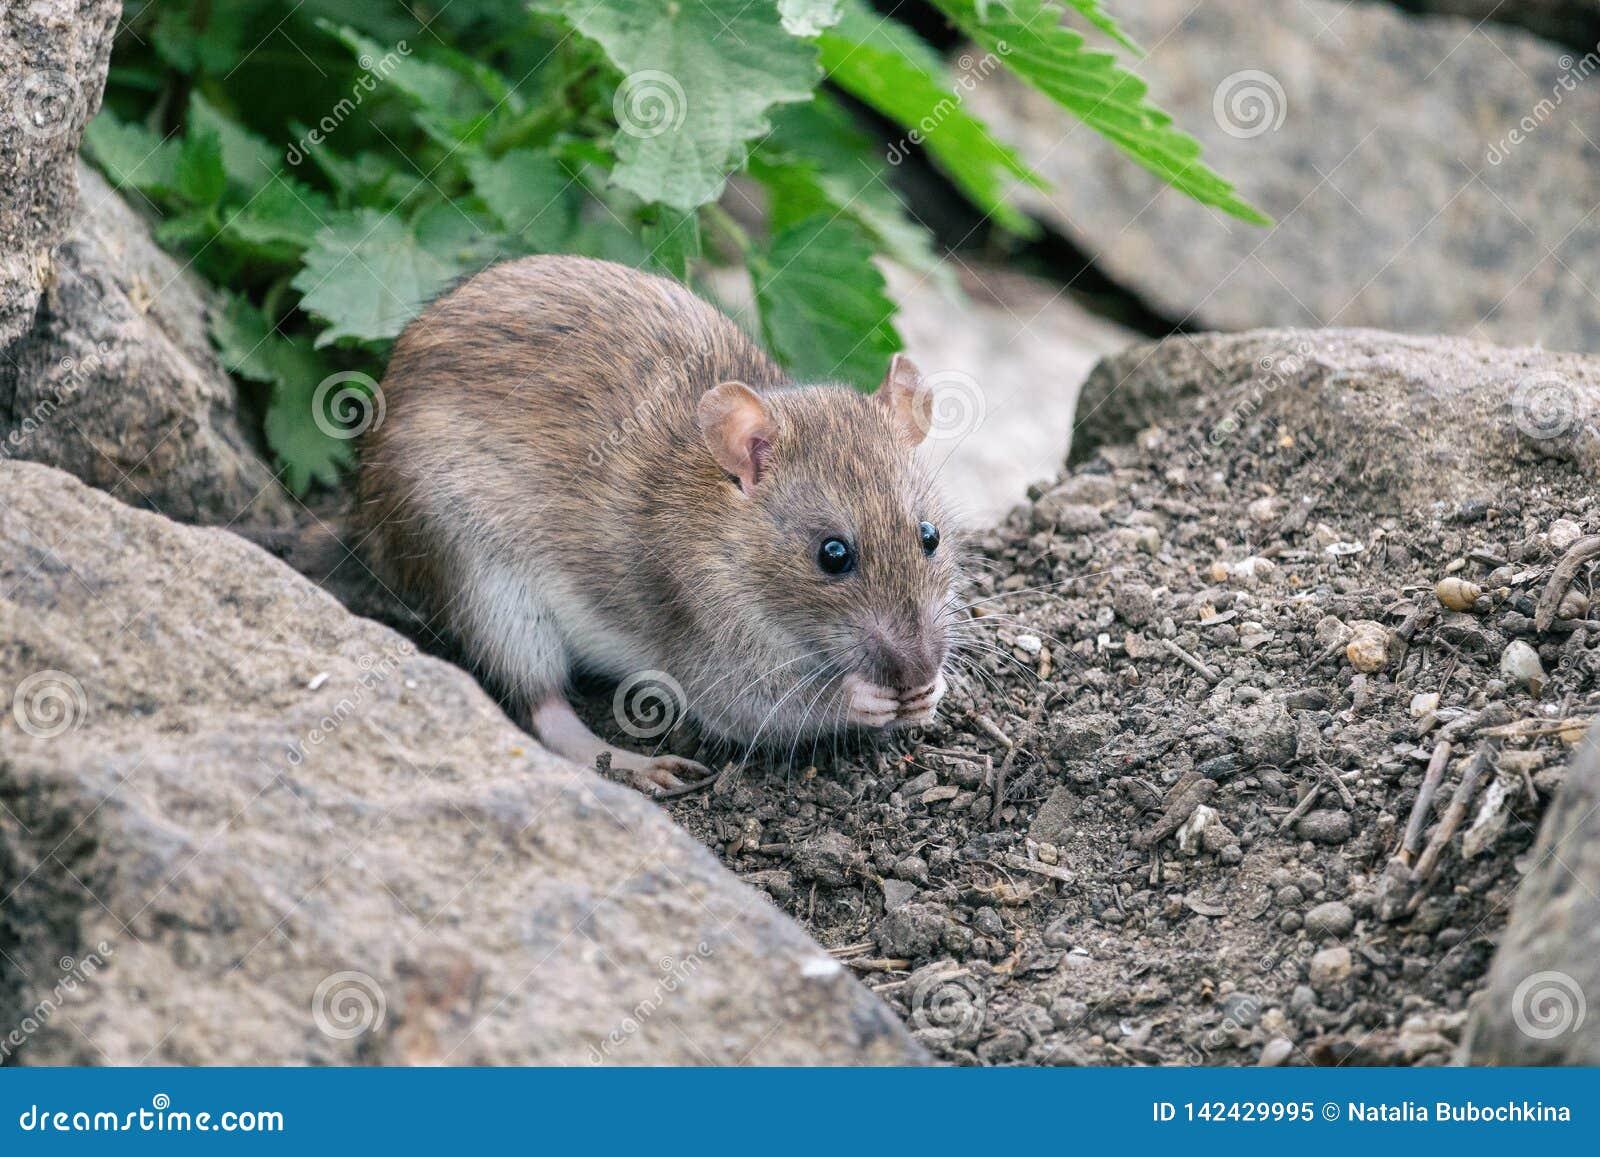 Крыса Брауна сидя на камни с зеленой крапивой в предпосылке